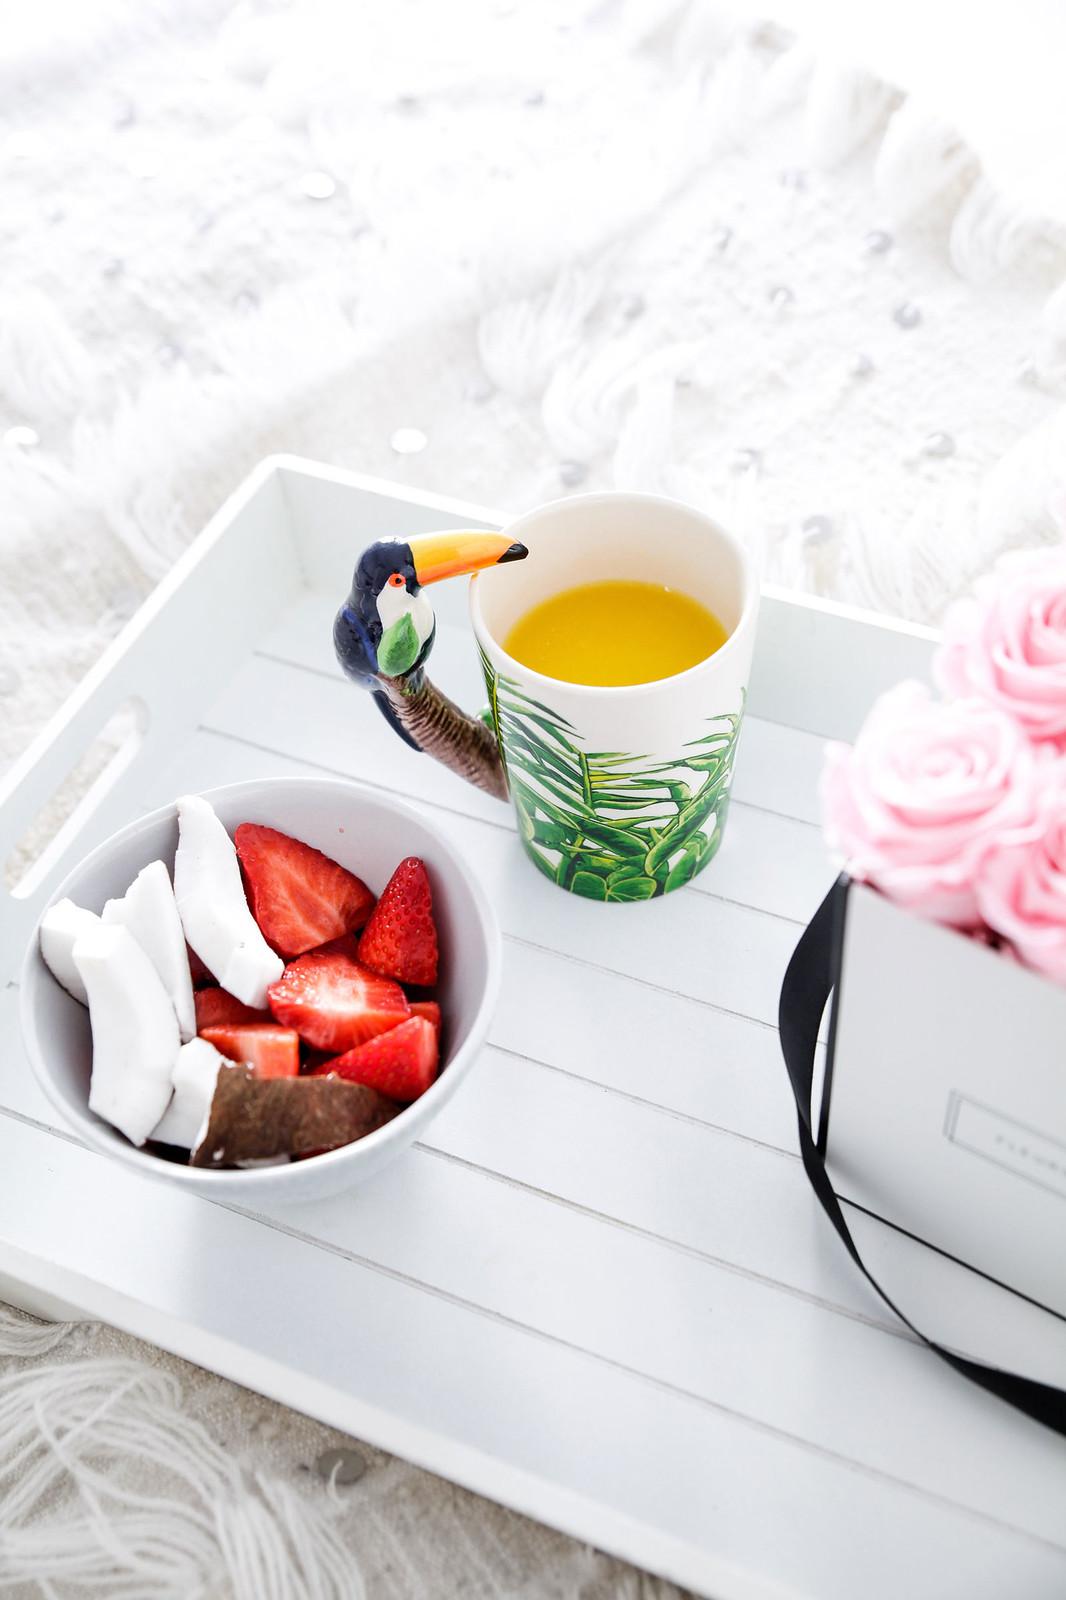 011_Desayuno_cama_breakfast_bed_Fleurs_Paris_Theguestgirl_Flowers_pink_influencer_barcelona_flores_laura_santolaria